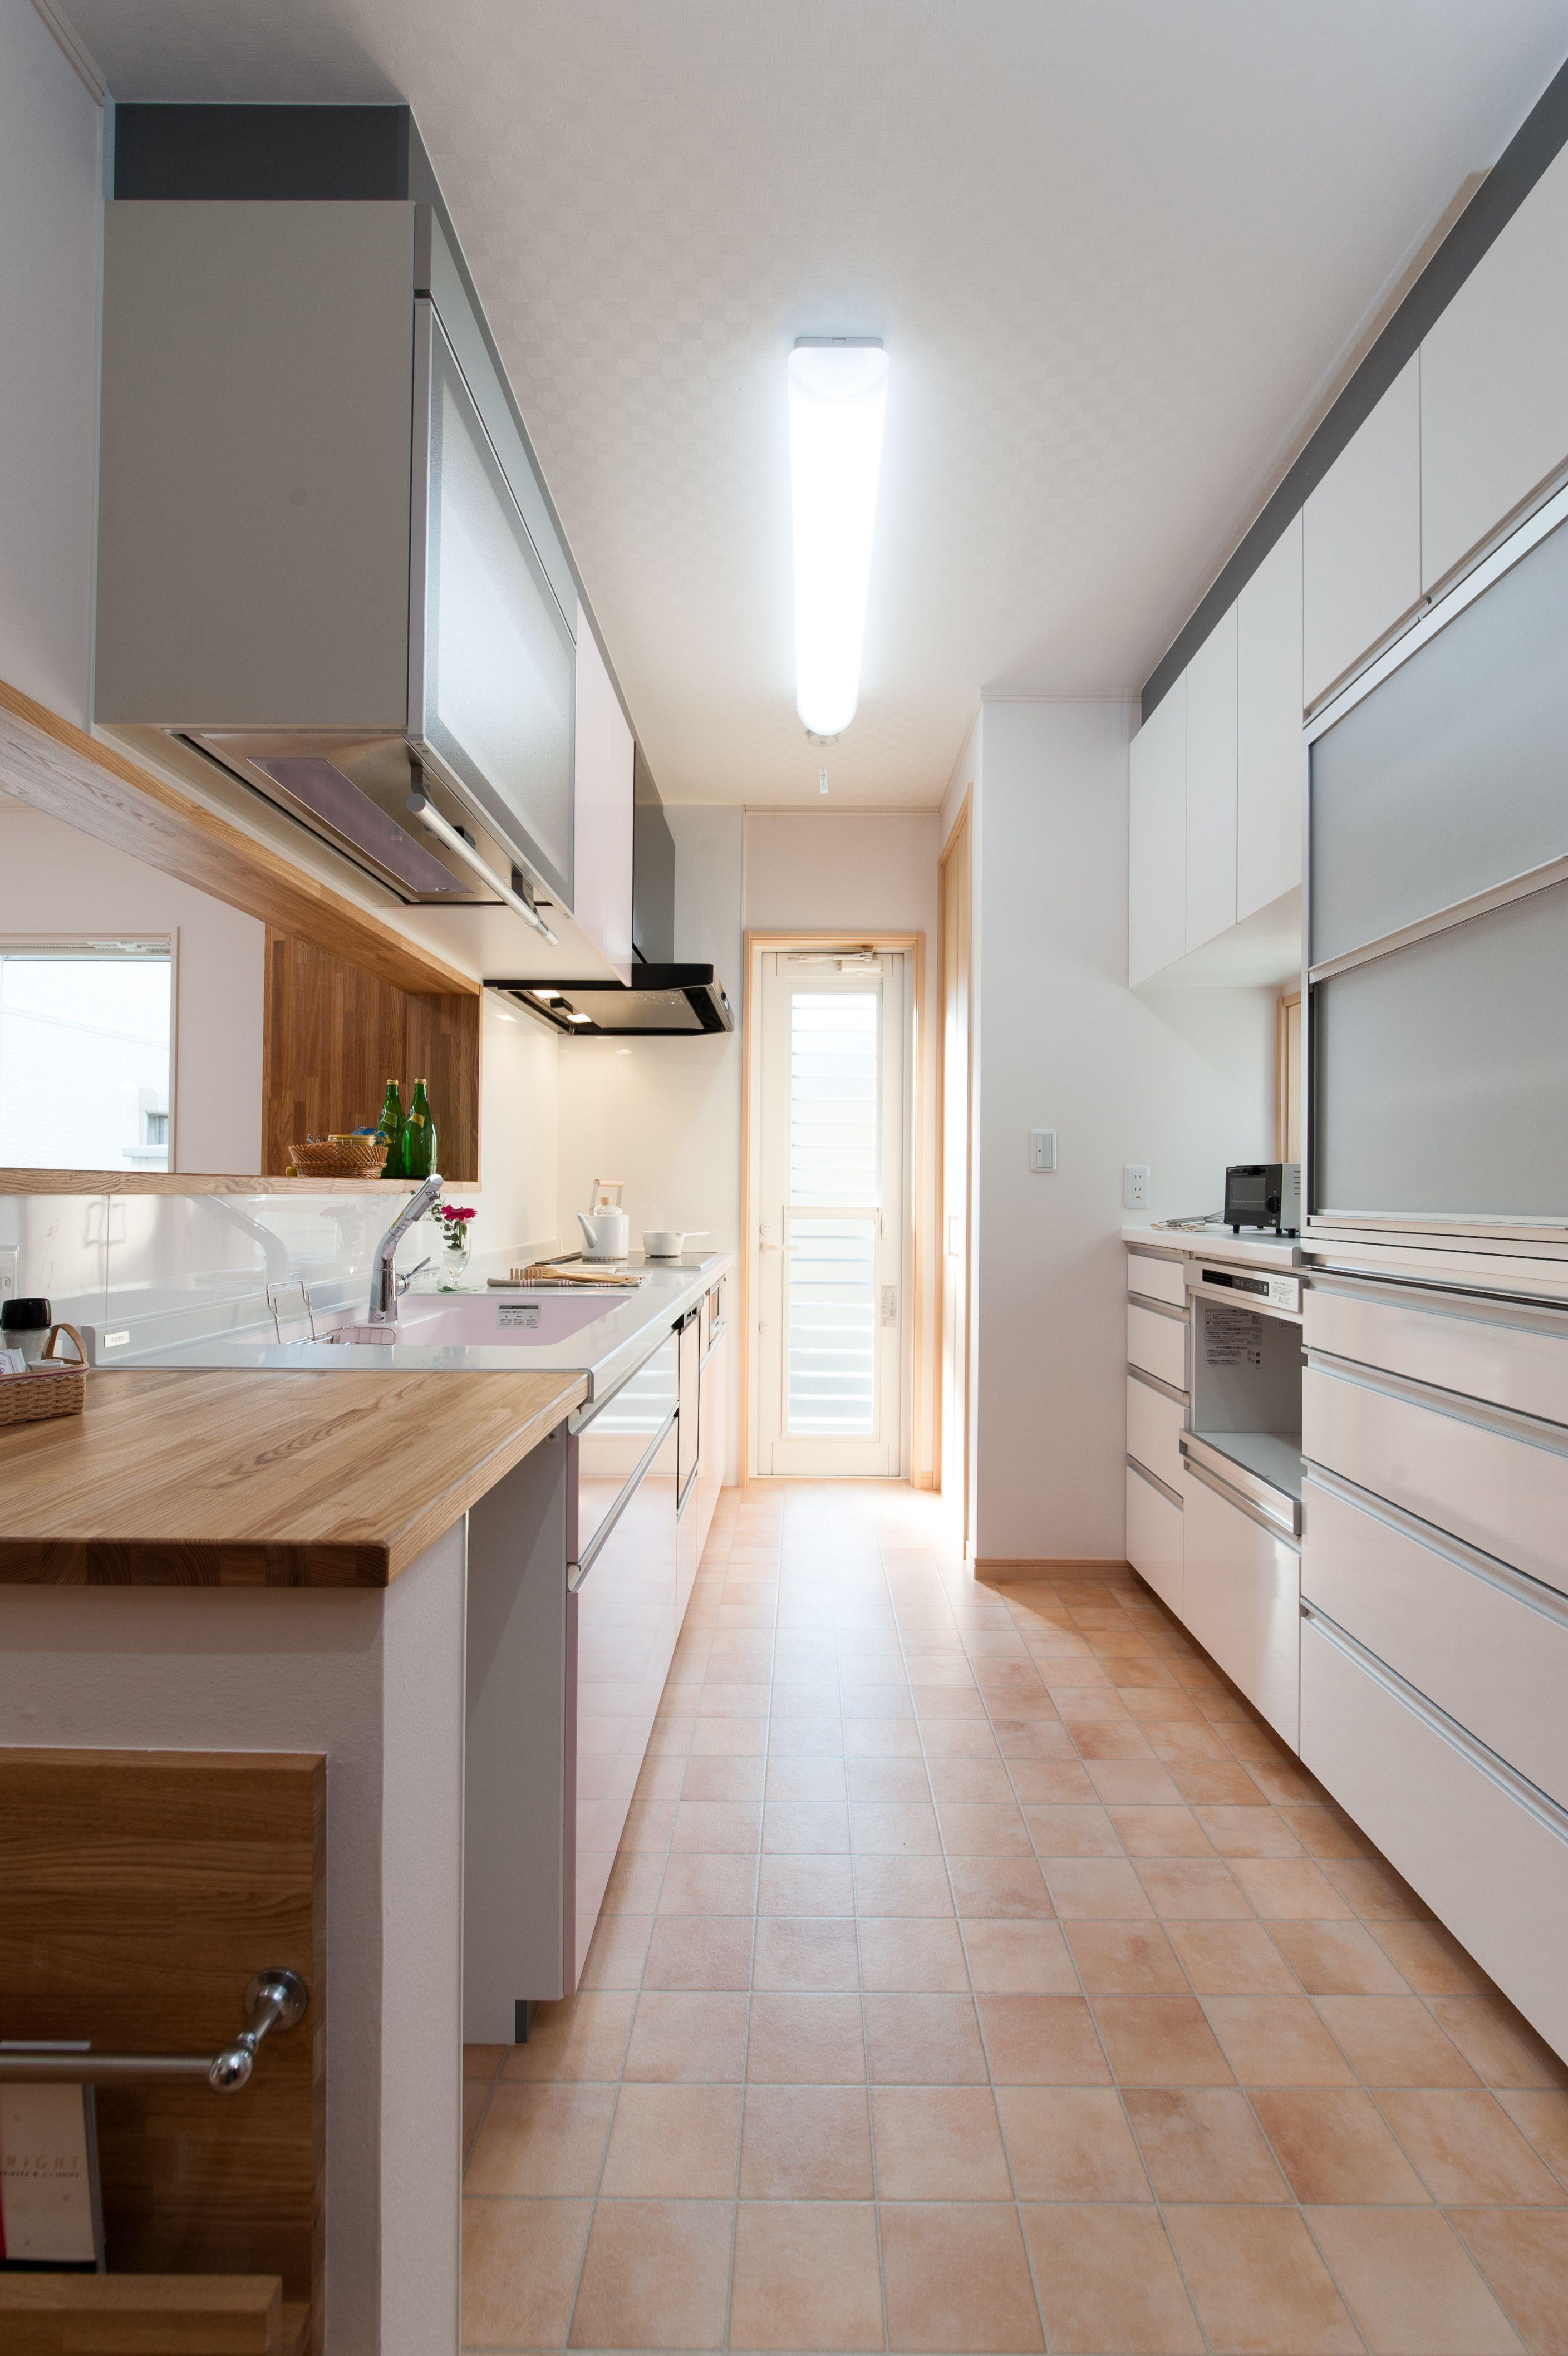 笑顔の絶えない仲良し2世帯住宅 アンシン建設工業の口コミ キッチンフロア キッチン床 リビング キッチン